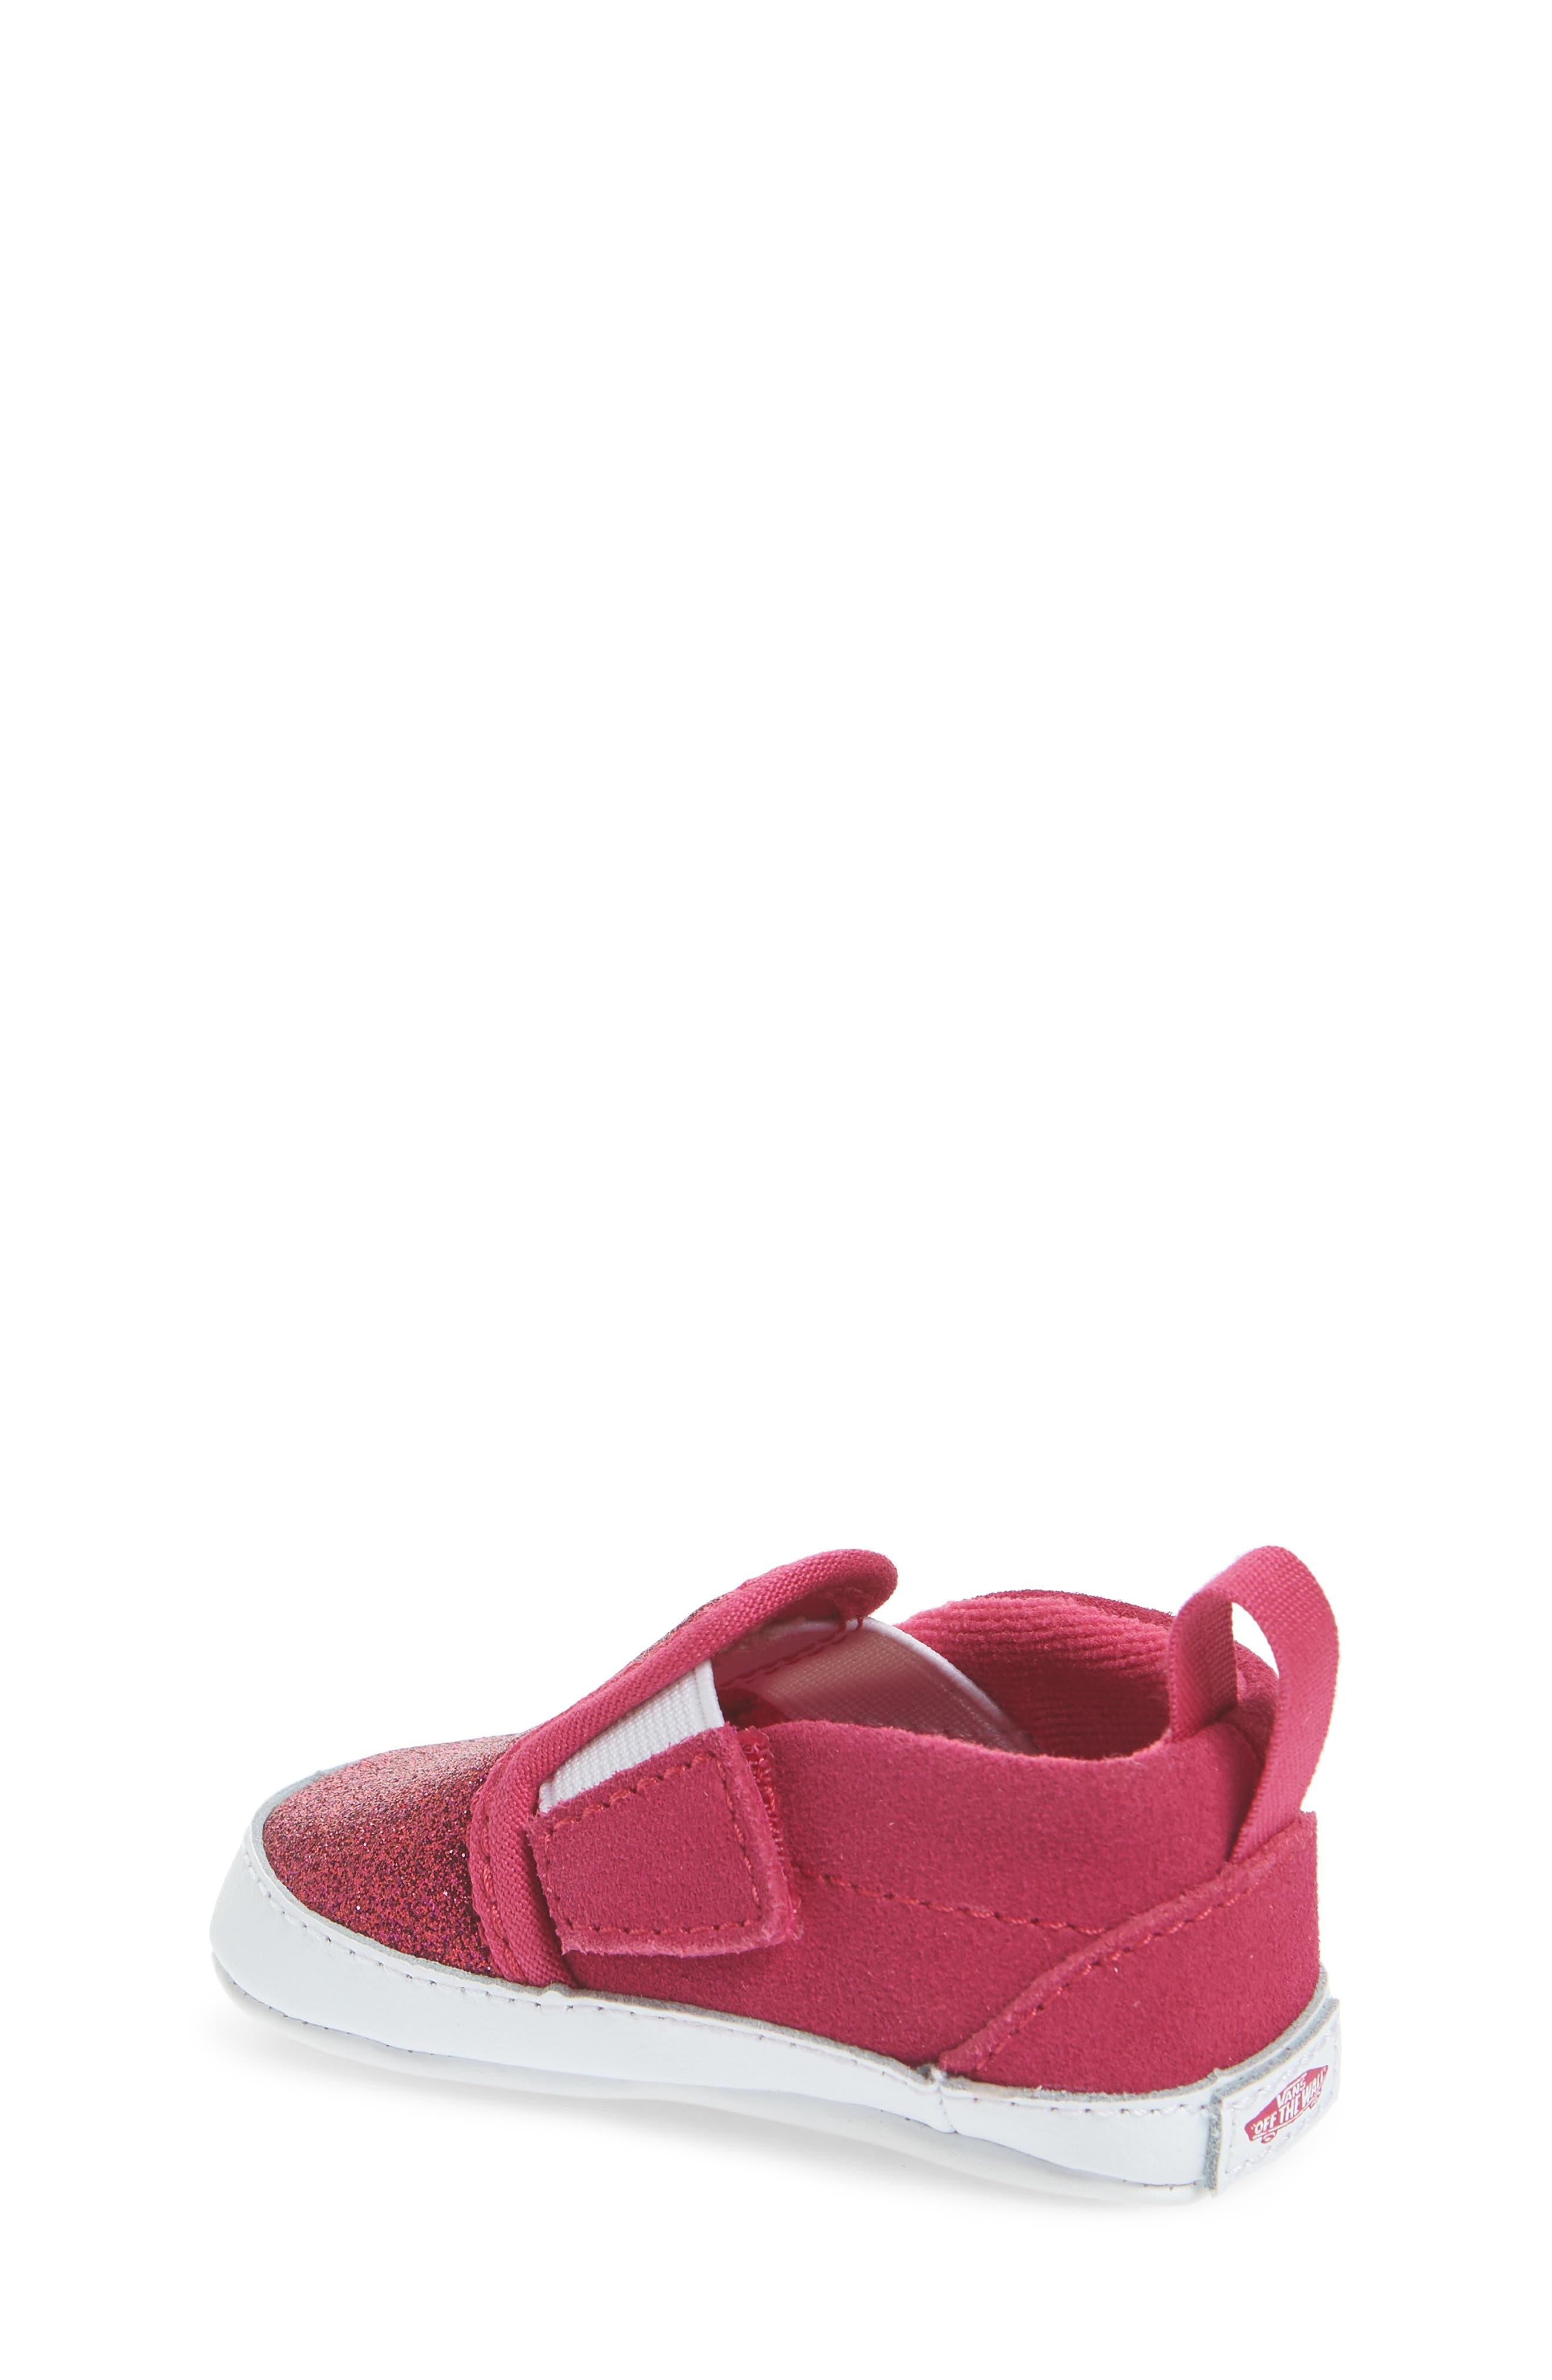 Glitter Crib Shoe,                             Alternate thumbnail 2, color,                             660